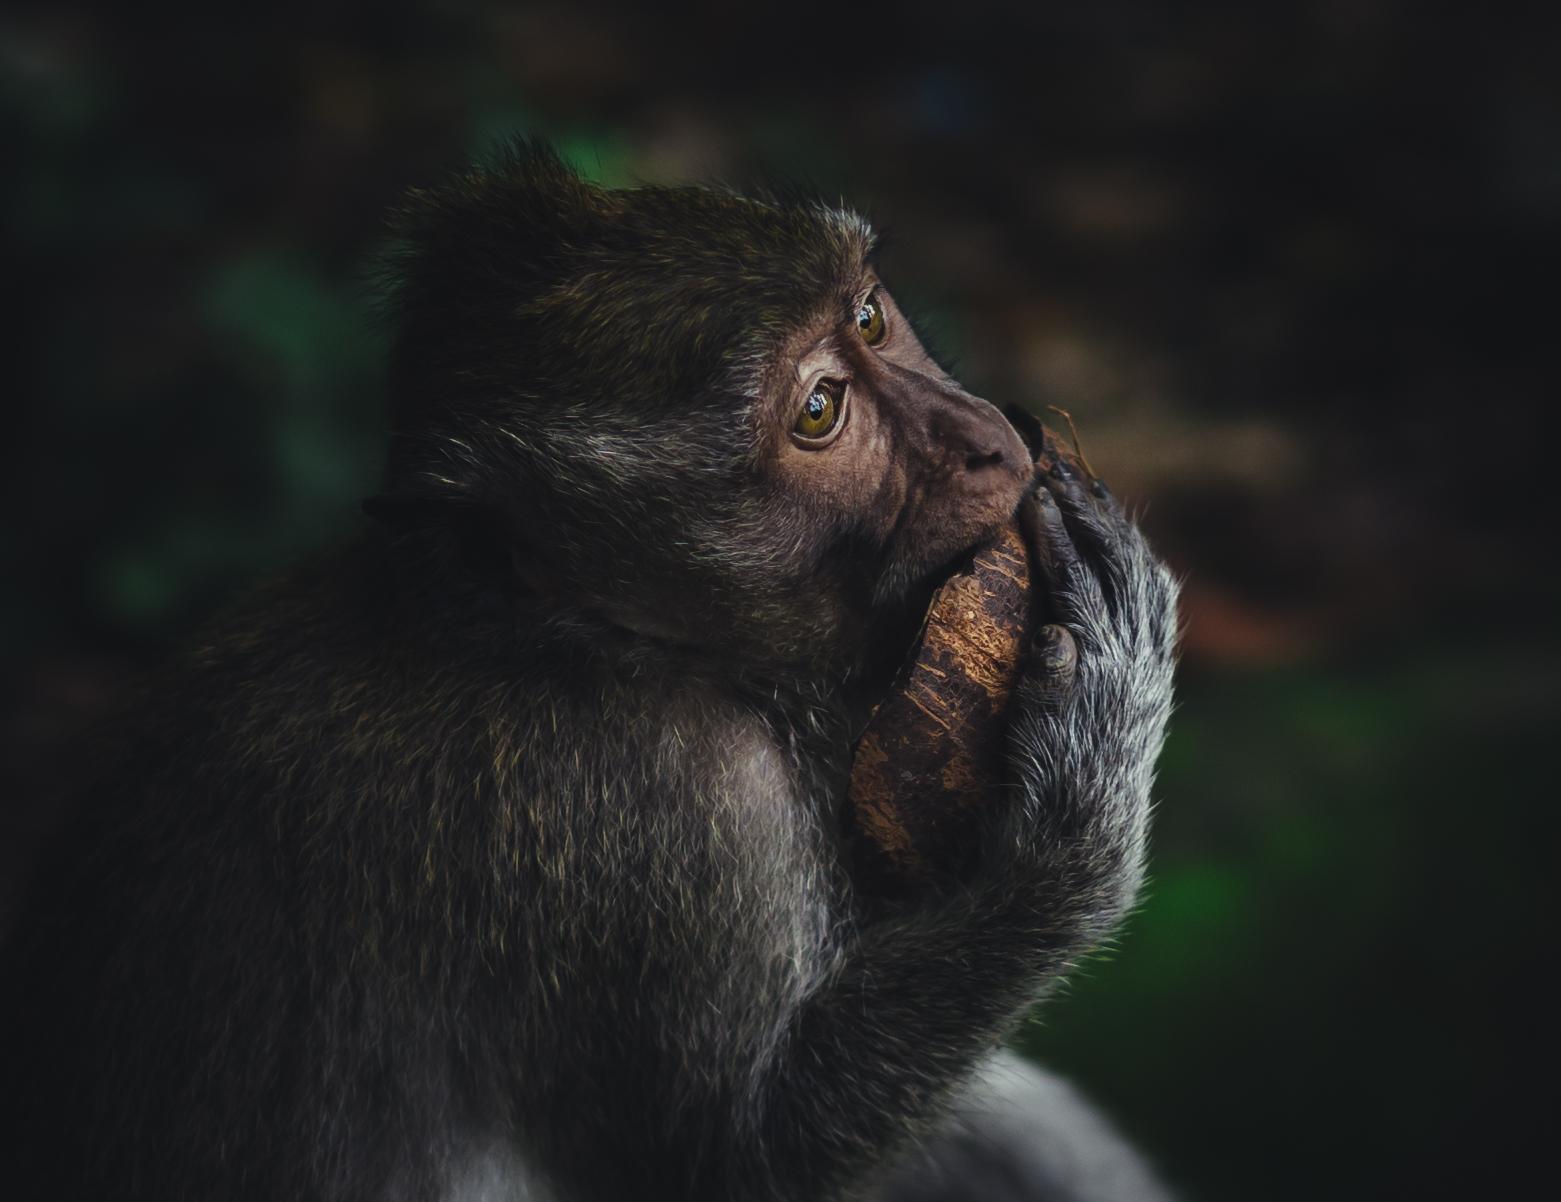 monkey | Author Stanislav Kehayov - tachi_blg | PHOTO FORUM